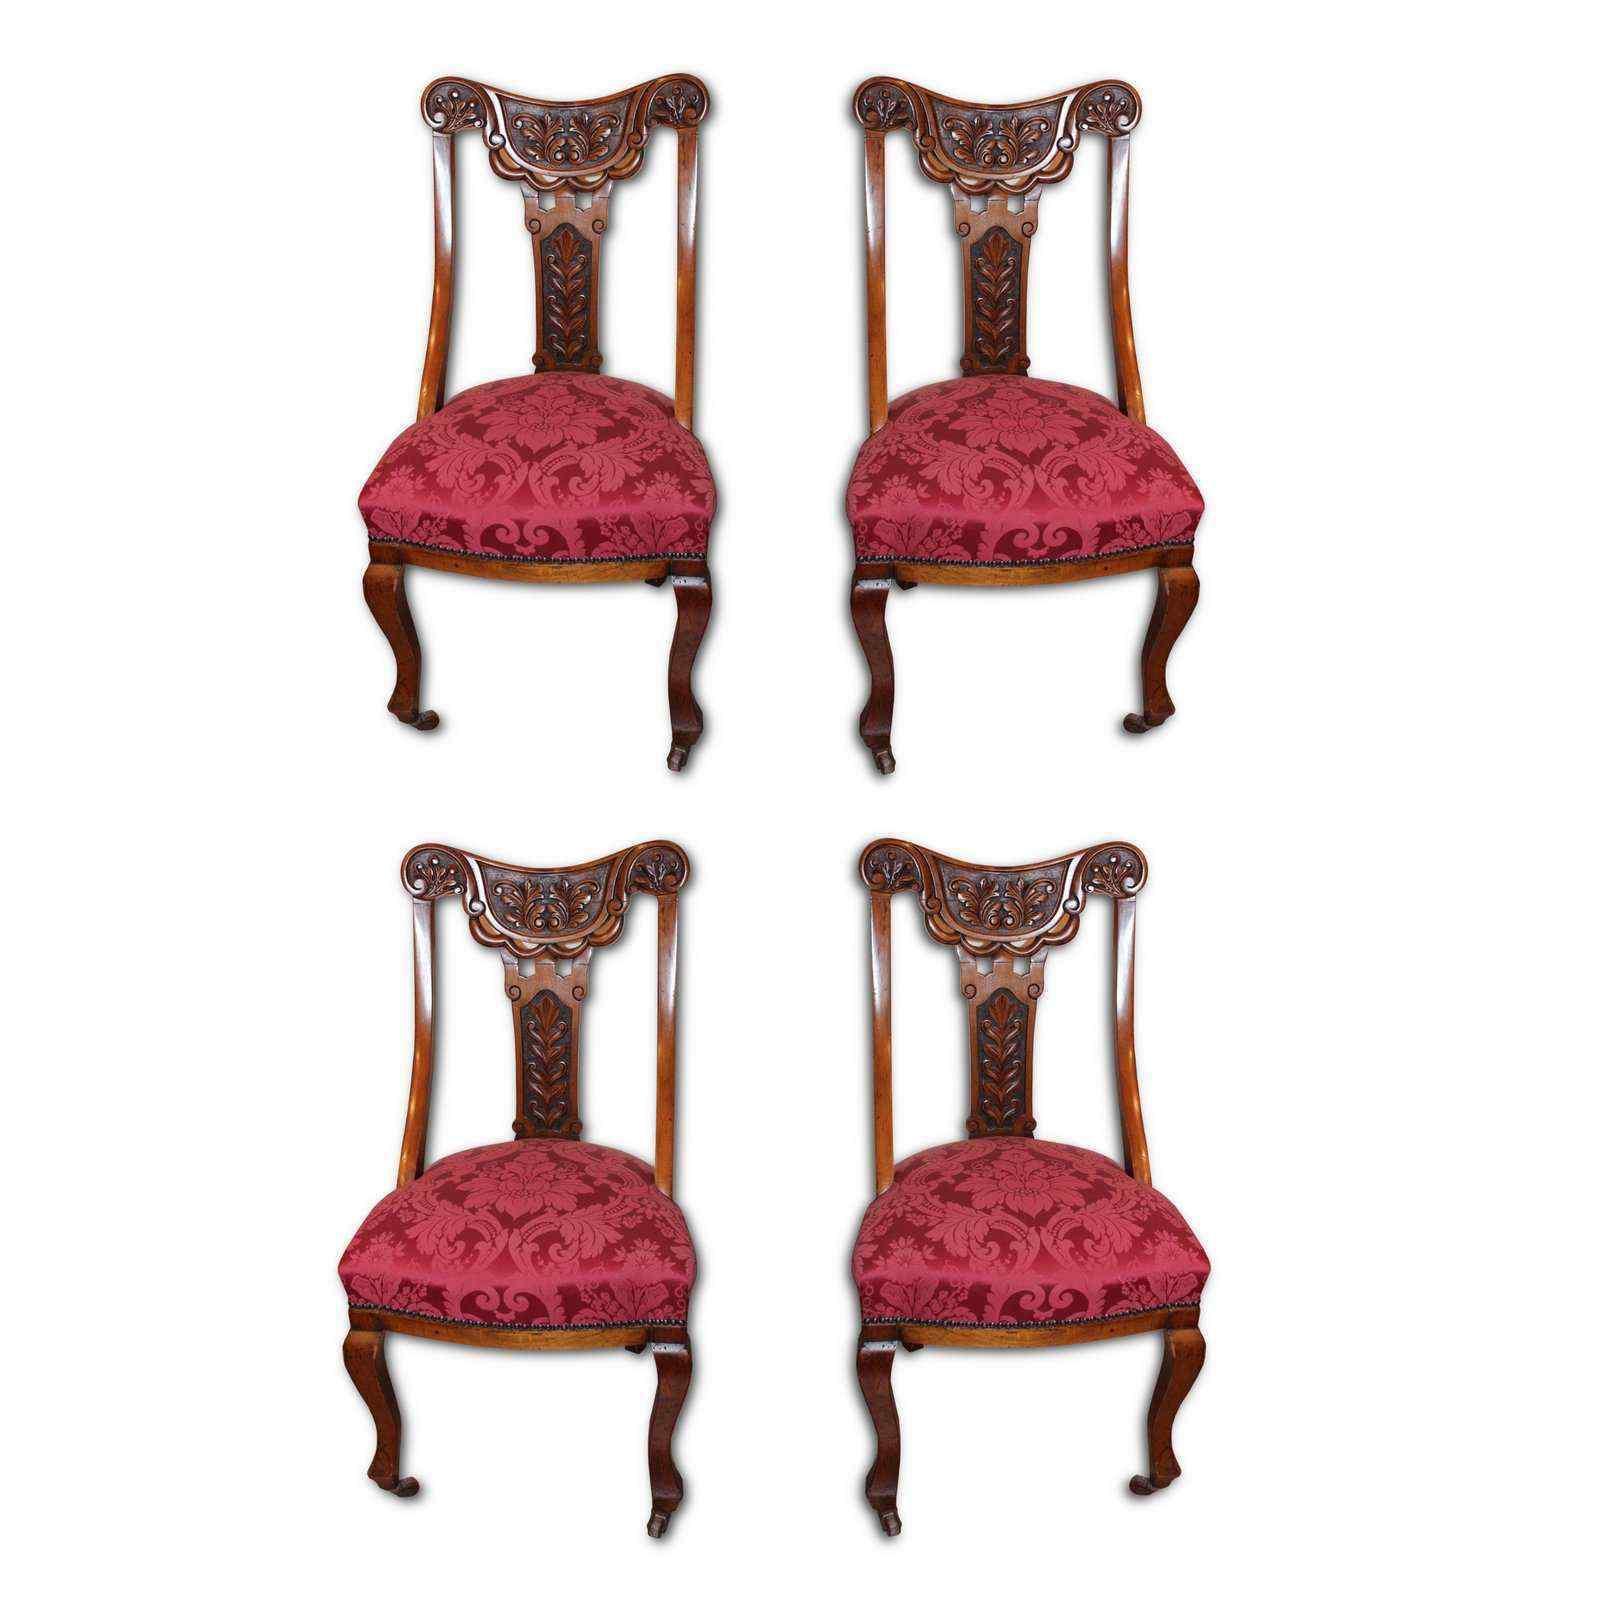 Английские антикварные стулья девятнадцатого века